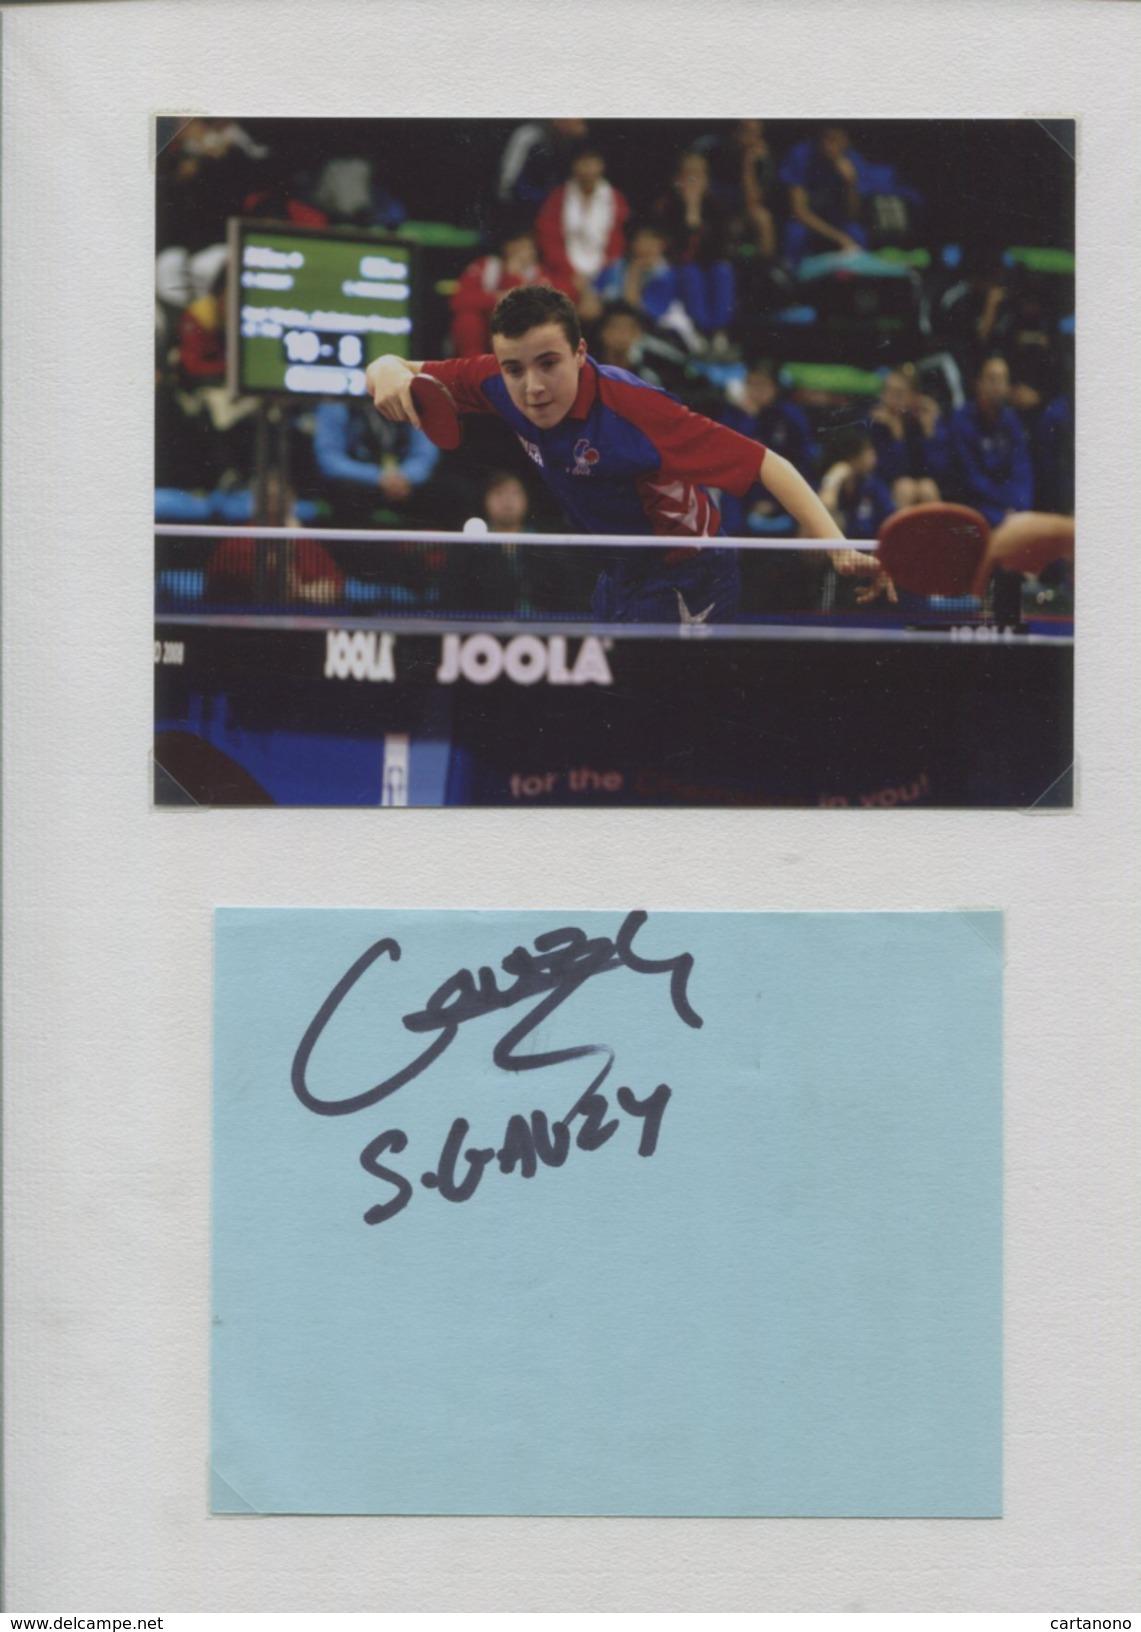 SIMON GAUZY (France) - Tennis De Table Ping Pong - Autographes